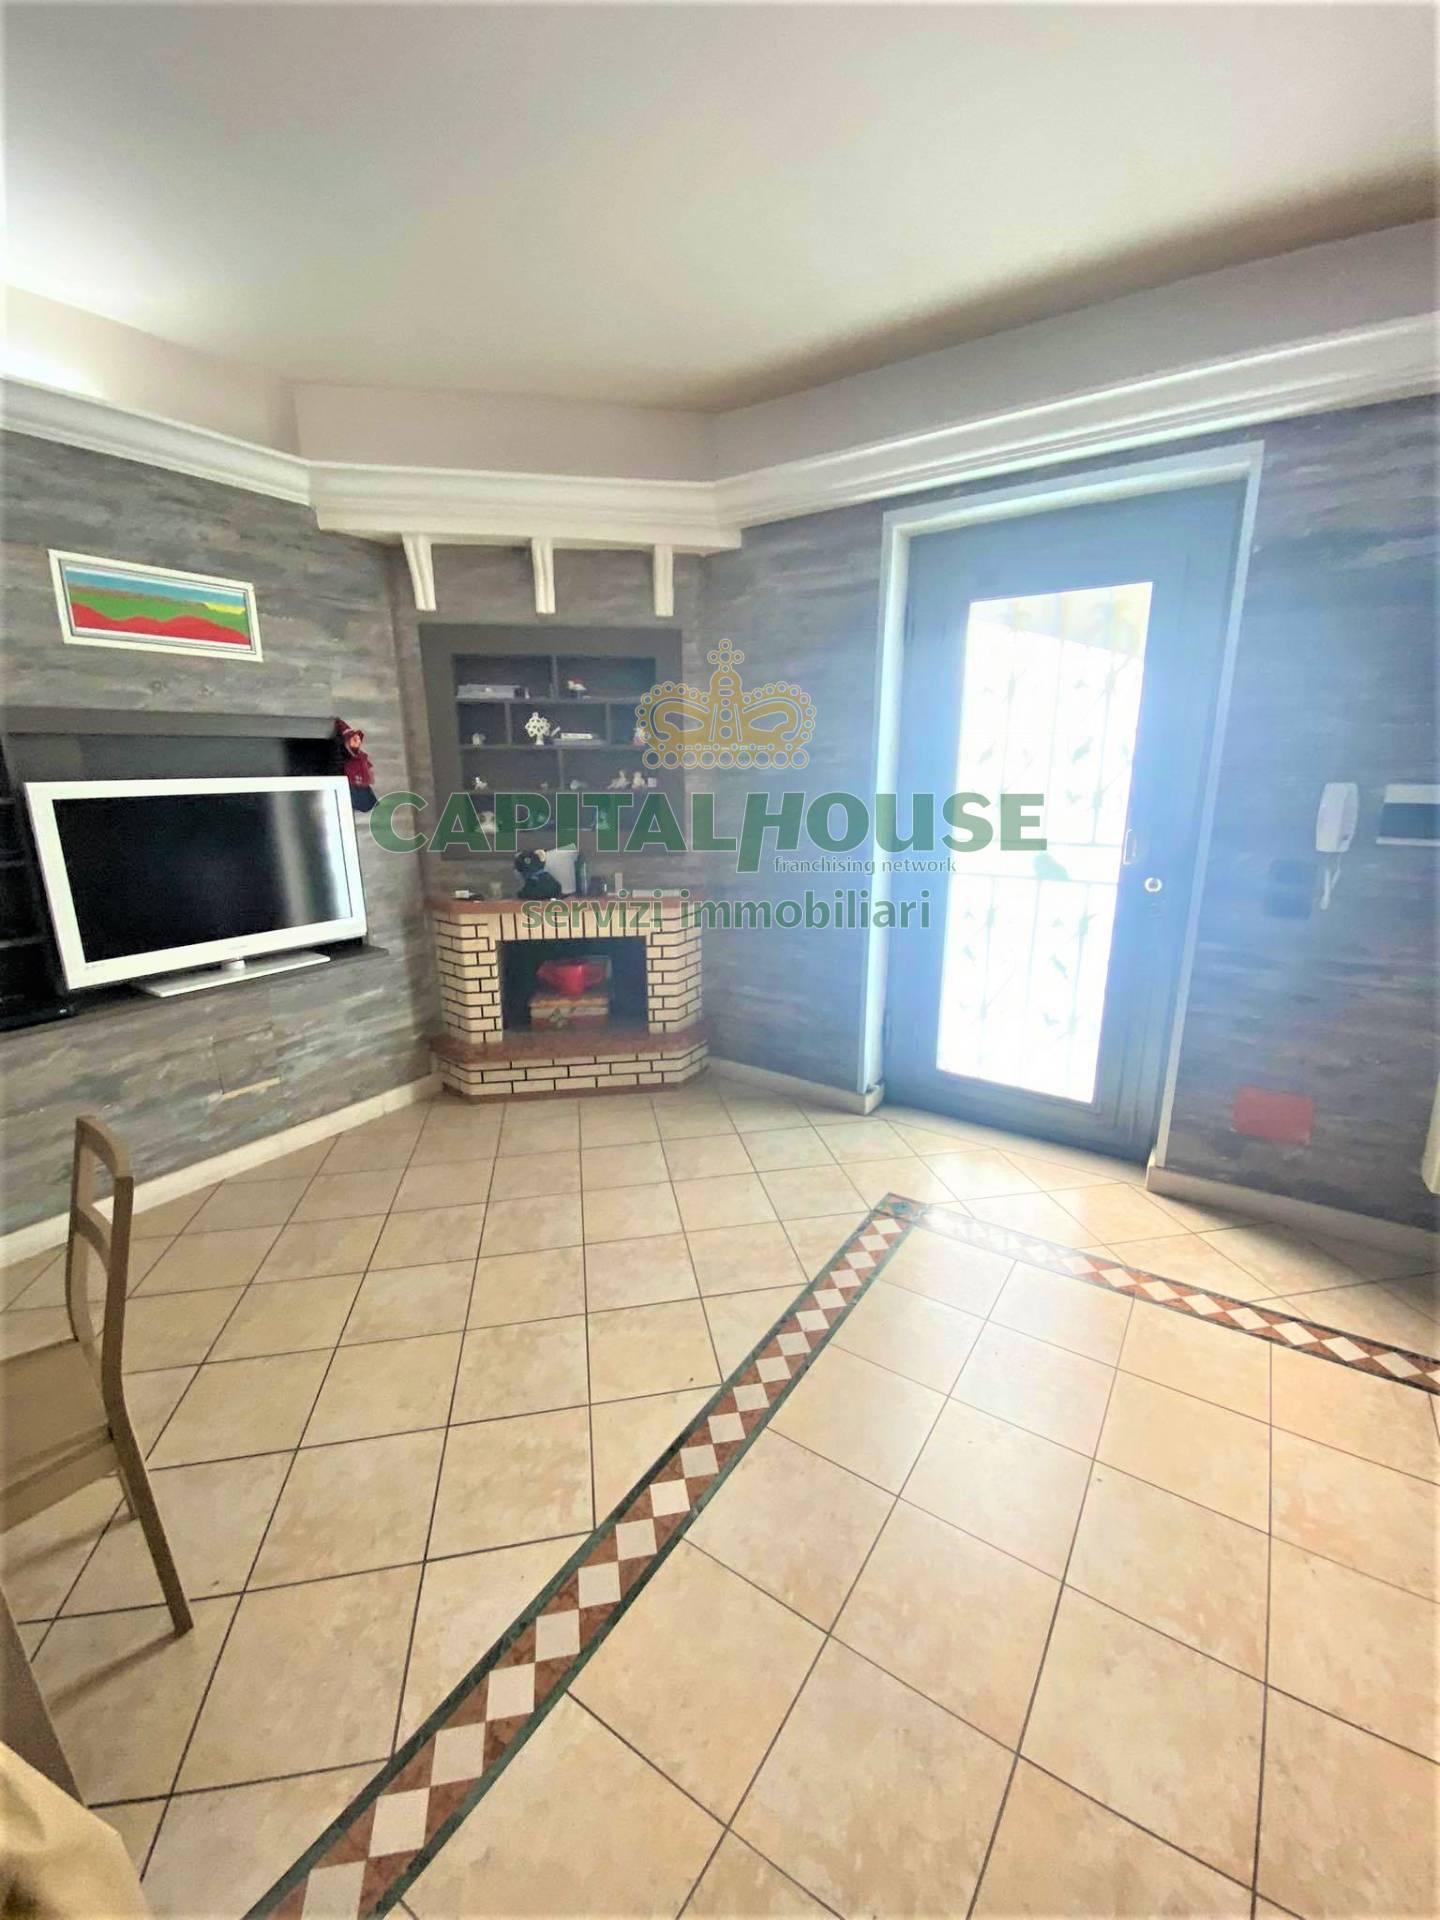 Appartamento in vendita a Quadrelle, 4 locali, prezzo € 159.000   CambioCasa.it